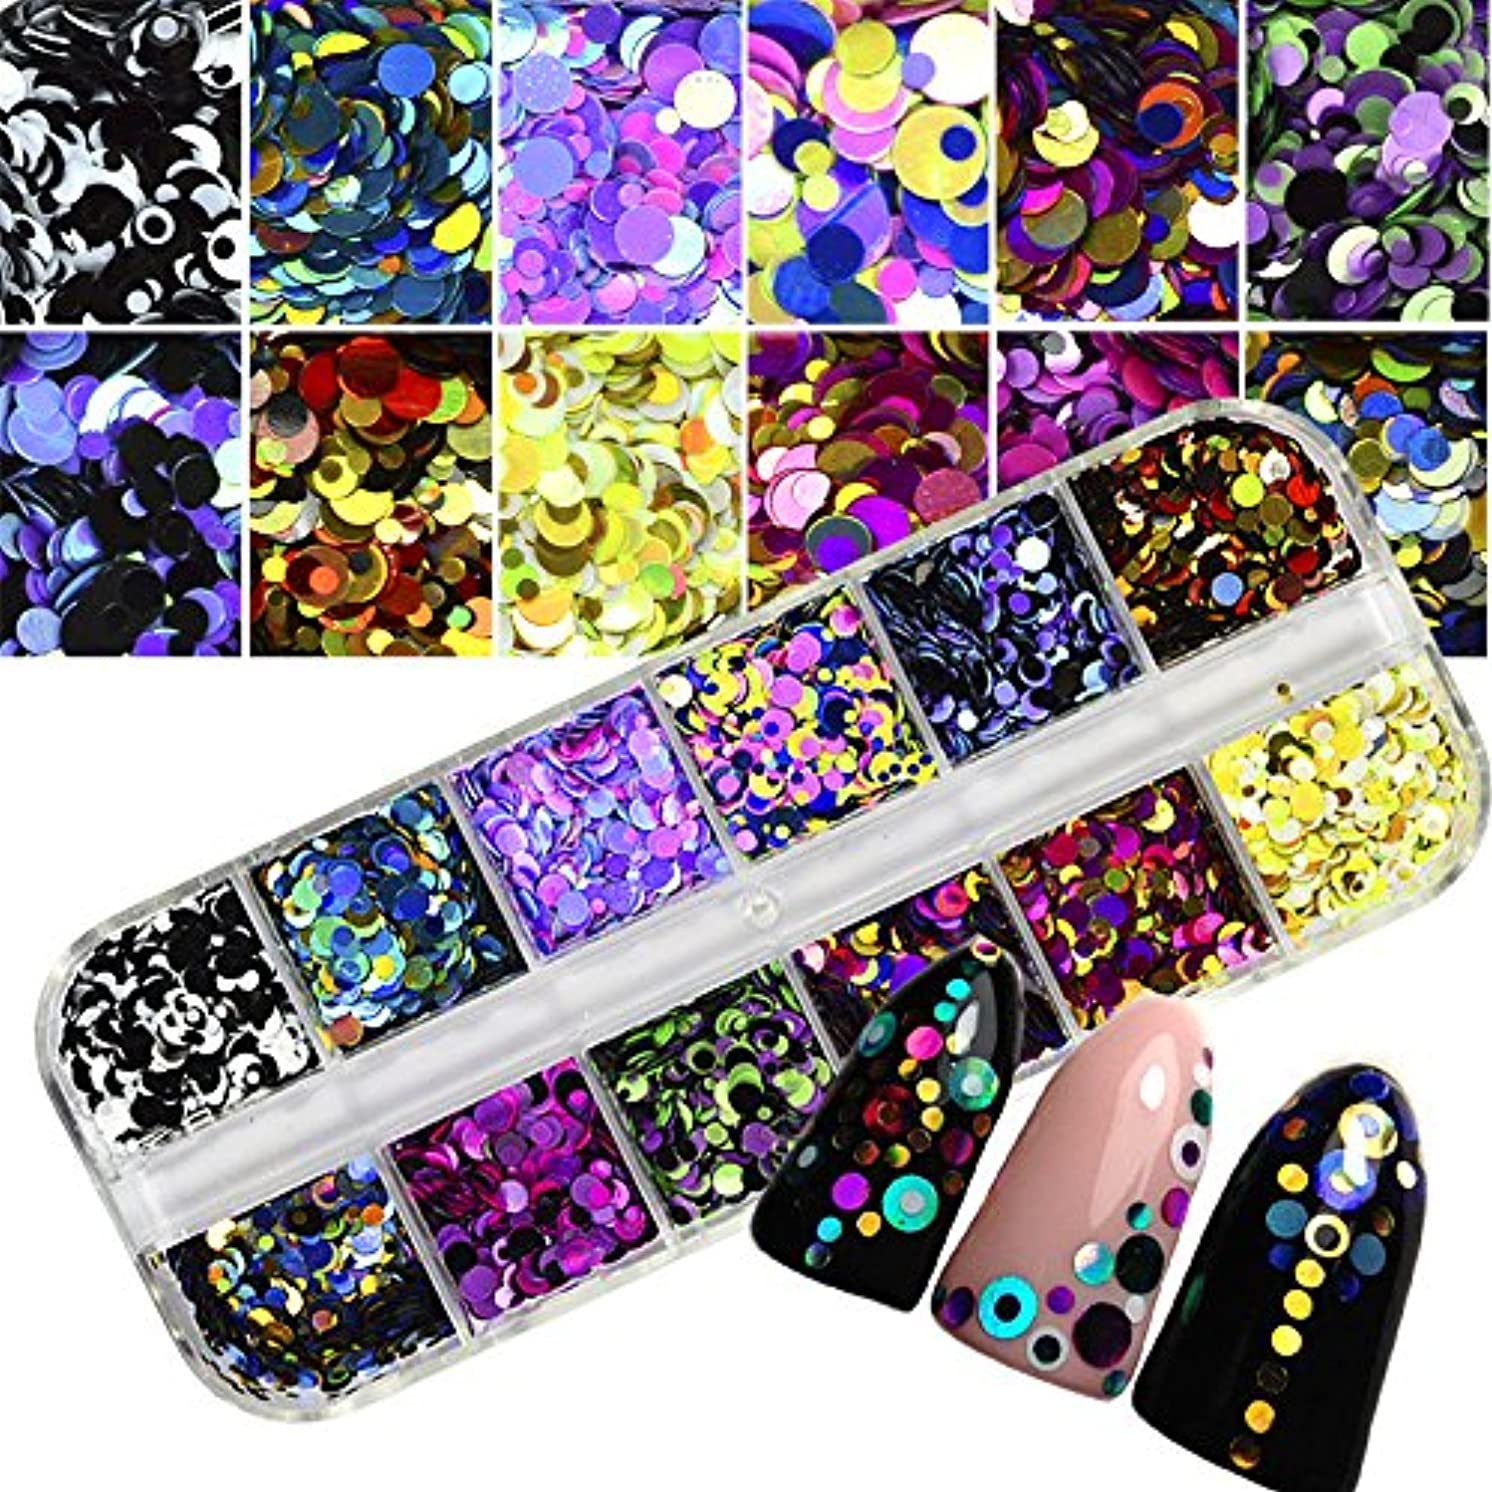 シプリー老人ステッチ1 Set Dazzling Round Nail Glitter Sequins Dust Mixed 12 Grids 1/2/3mm DIY Charm Polish Flakes Decorations Manicure Tips Kit